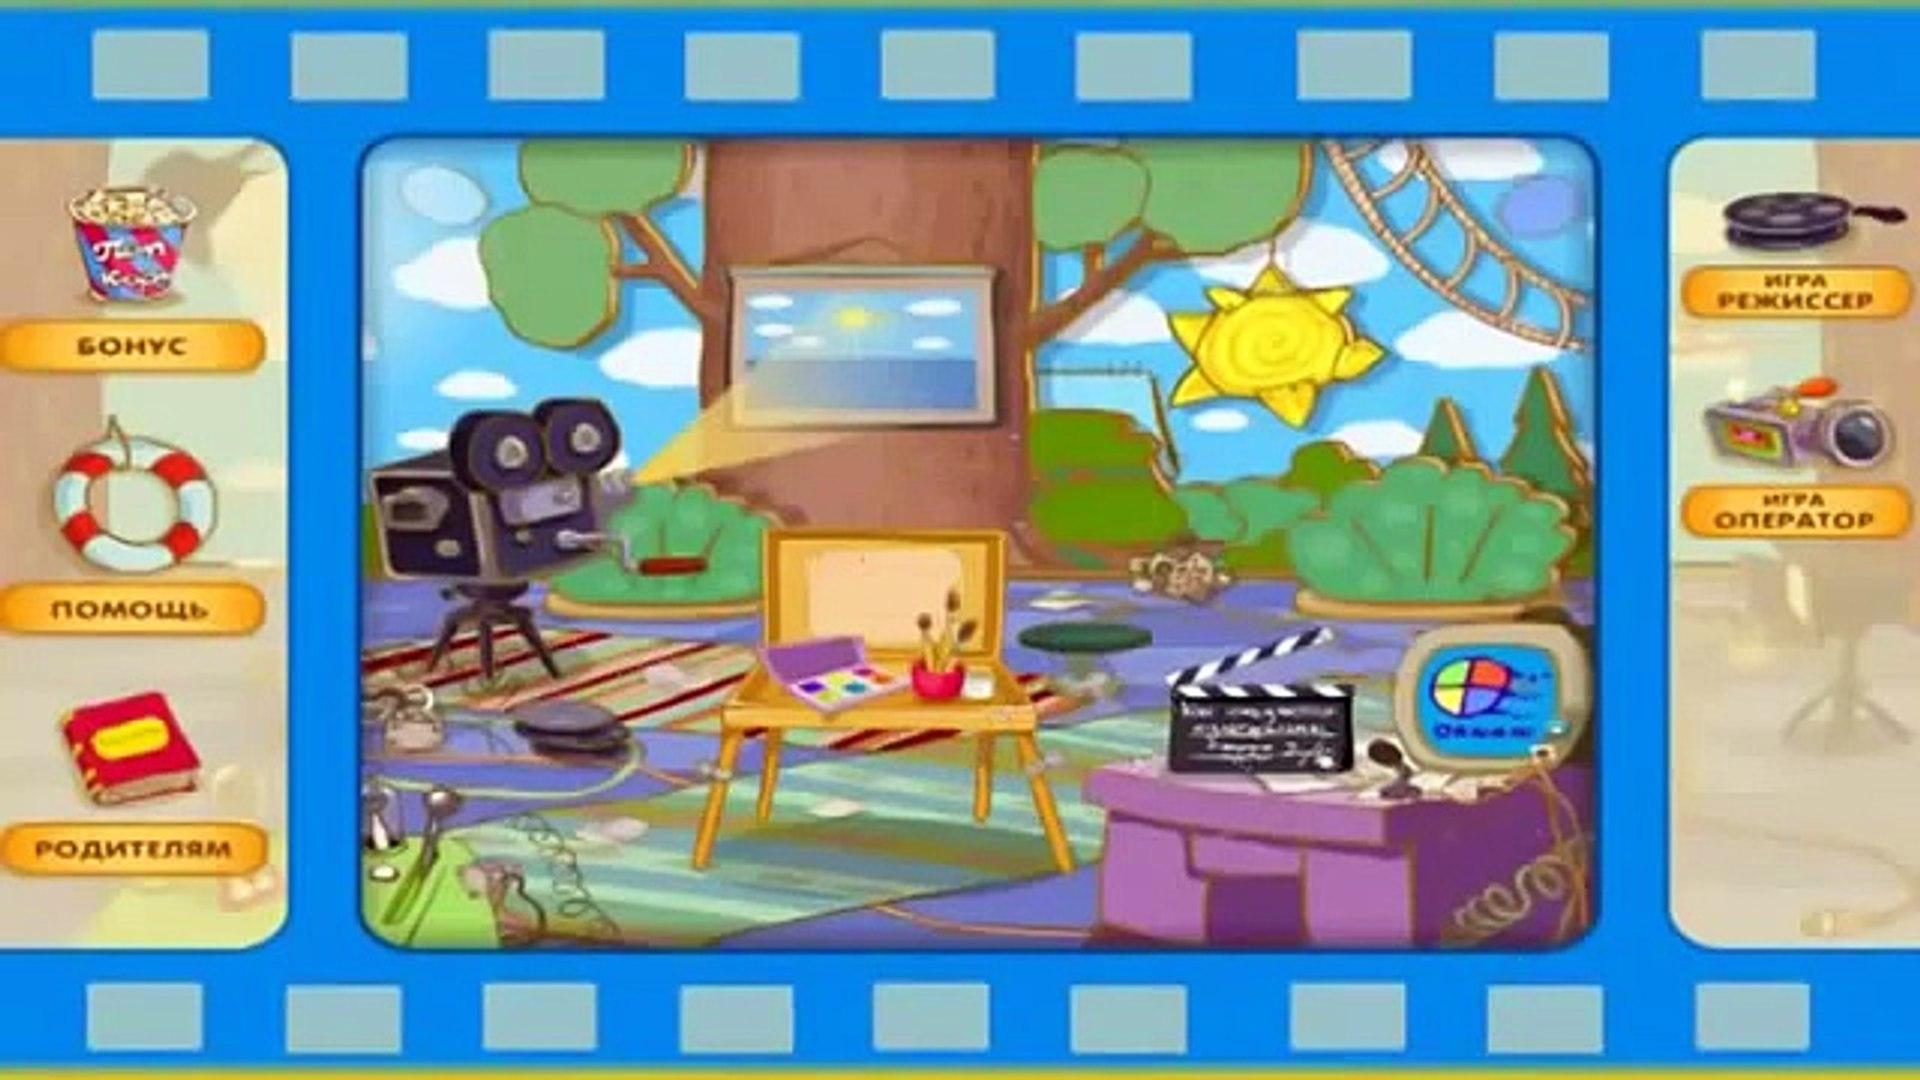 Игра Смешарики новая серия игра как мультик для детей Lets play по игре